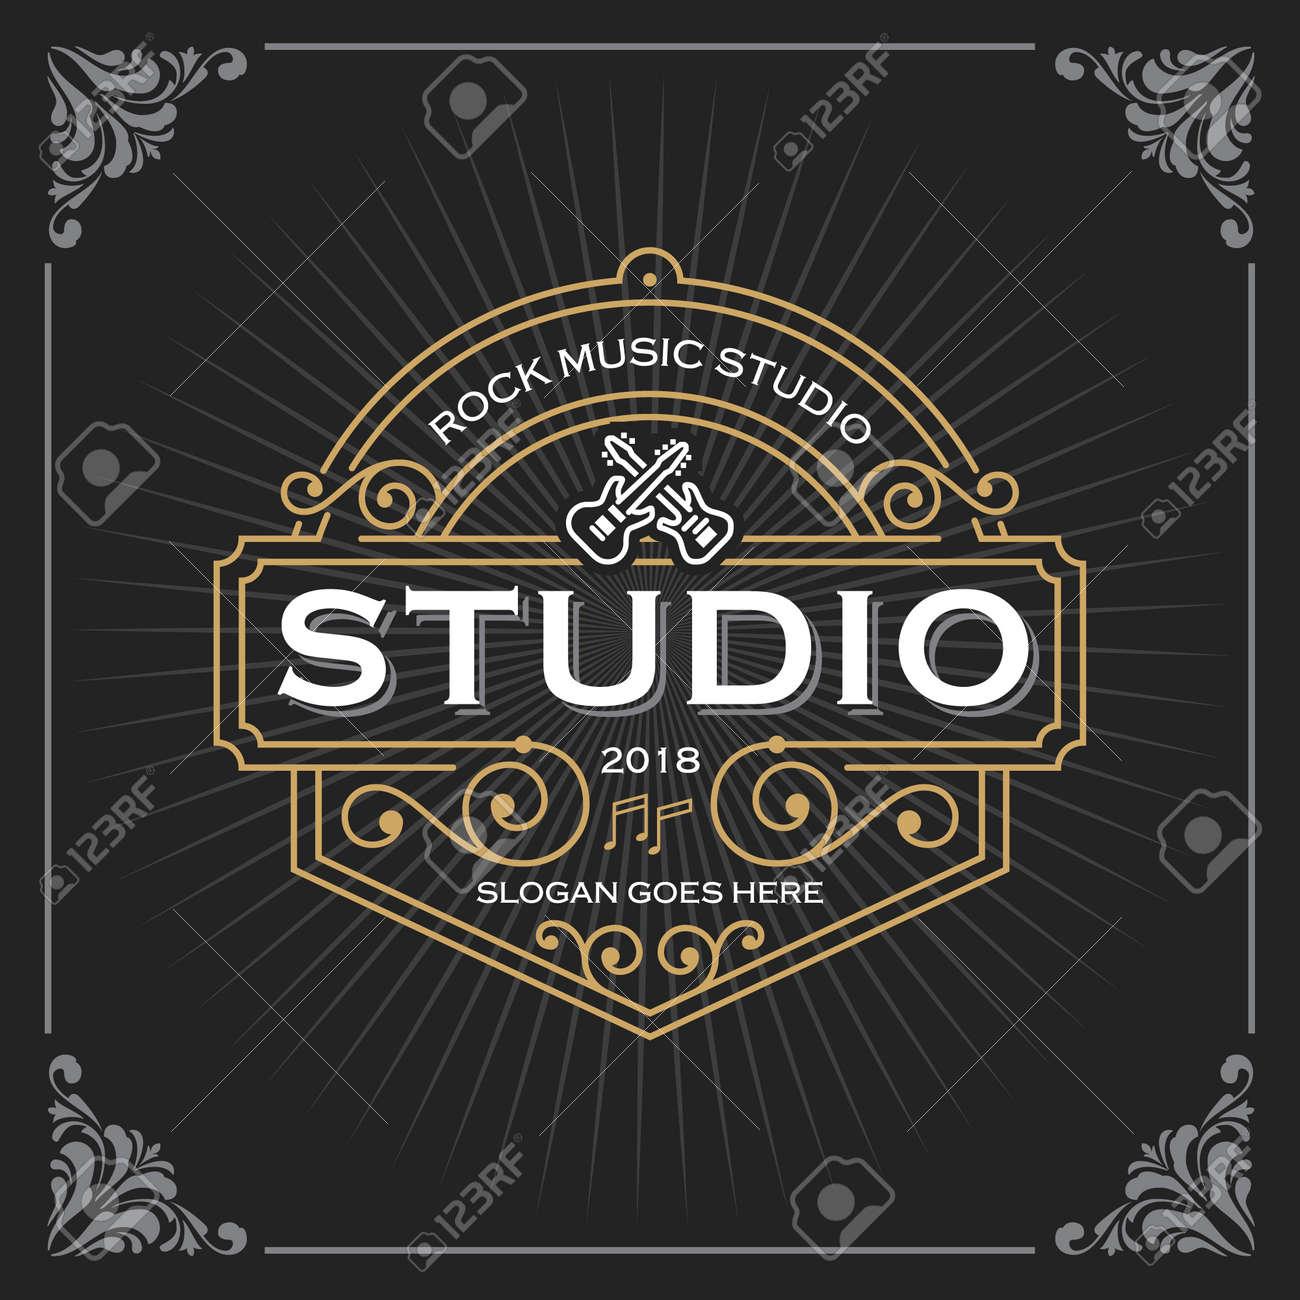 Music studio logo. Vintage Luxury Banner Template Design for Label, Frame, Product Tags. Retro Emblem Design. Vector illustration - 129716527